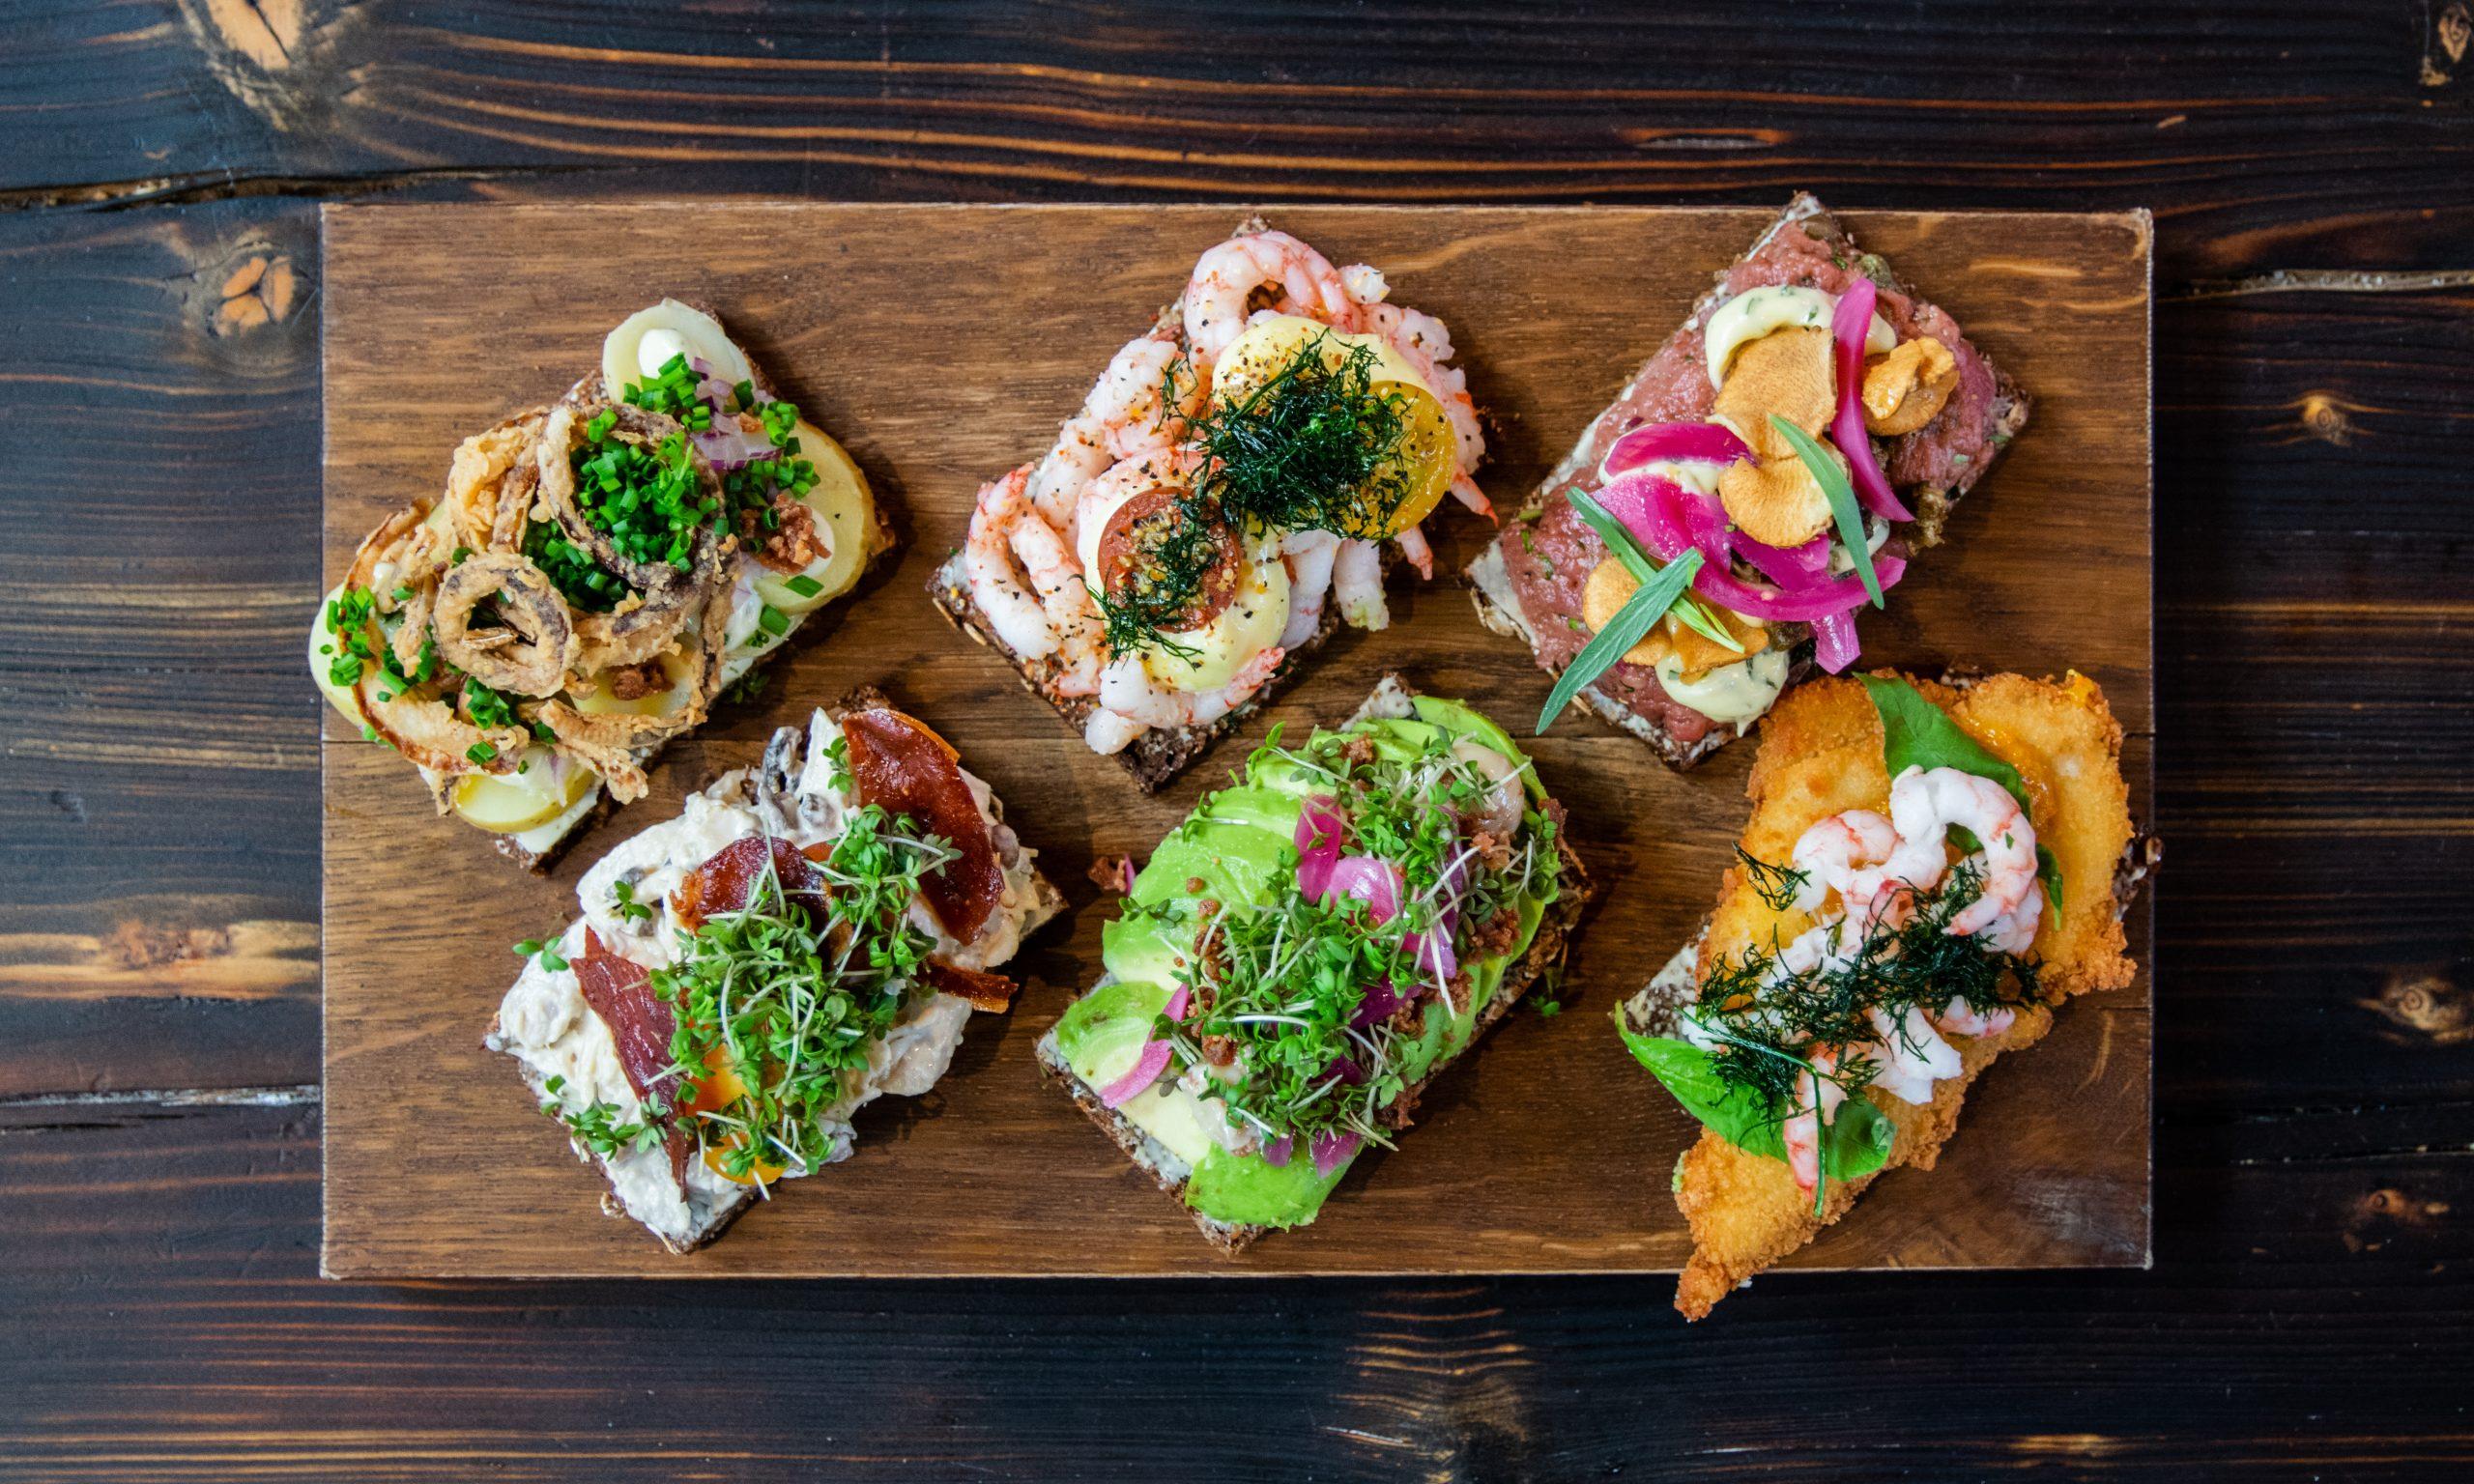 Aktuel er blandt byens bedste: Få en smørrebrøds-boks til 2 personer til særpris